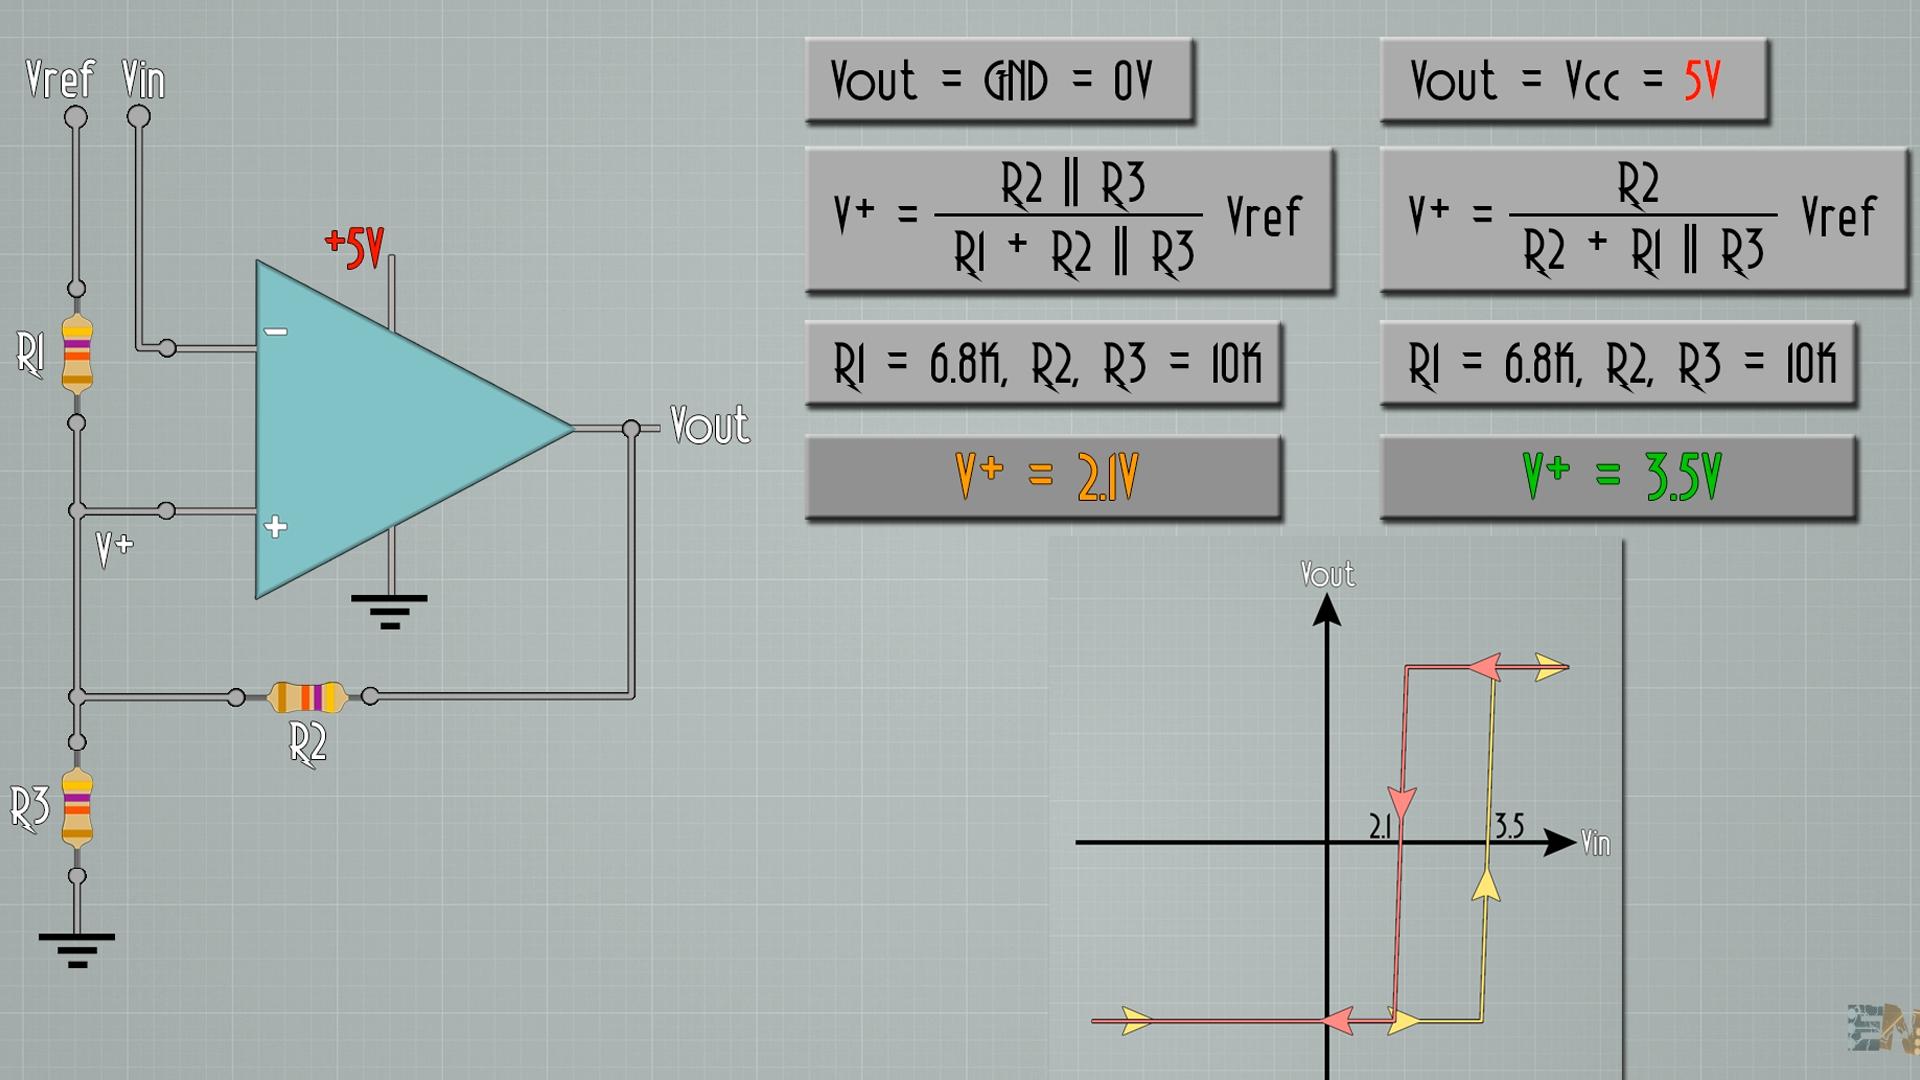 Schmitt trigger tutorial with operational amplifiers